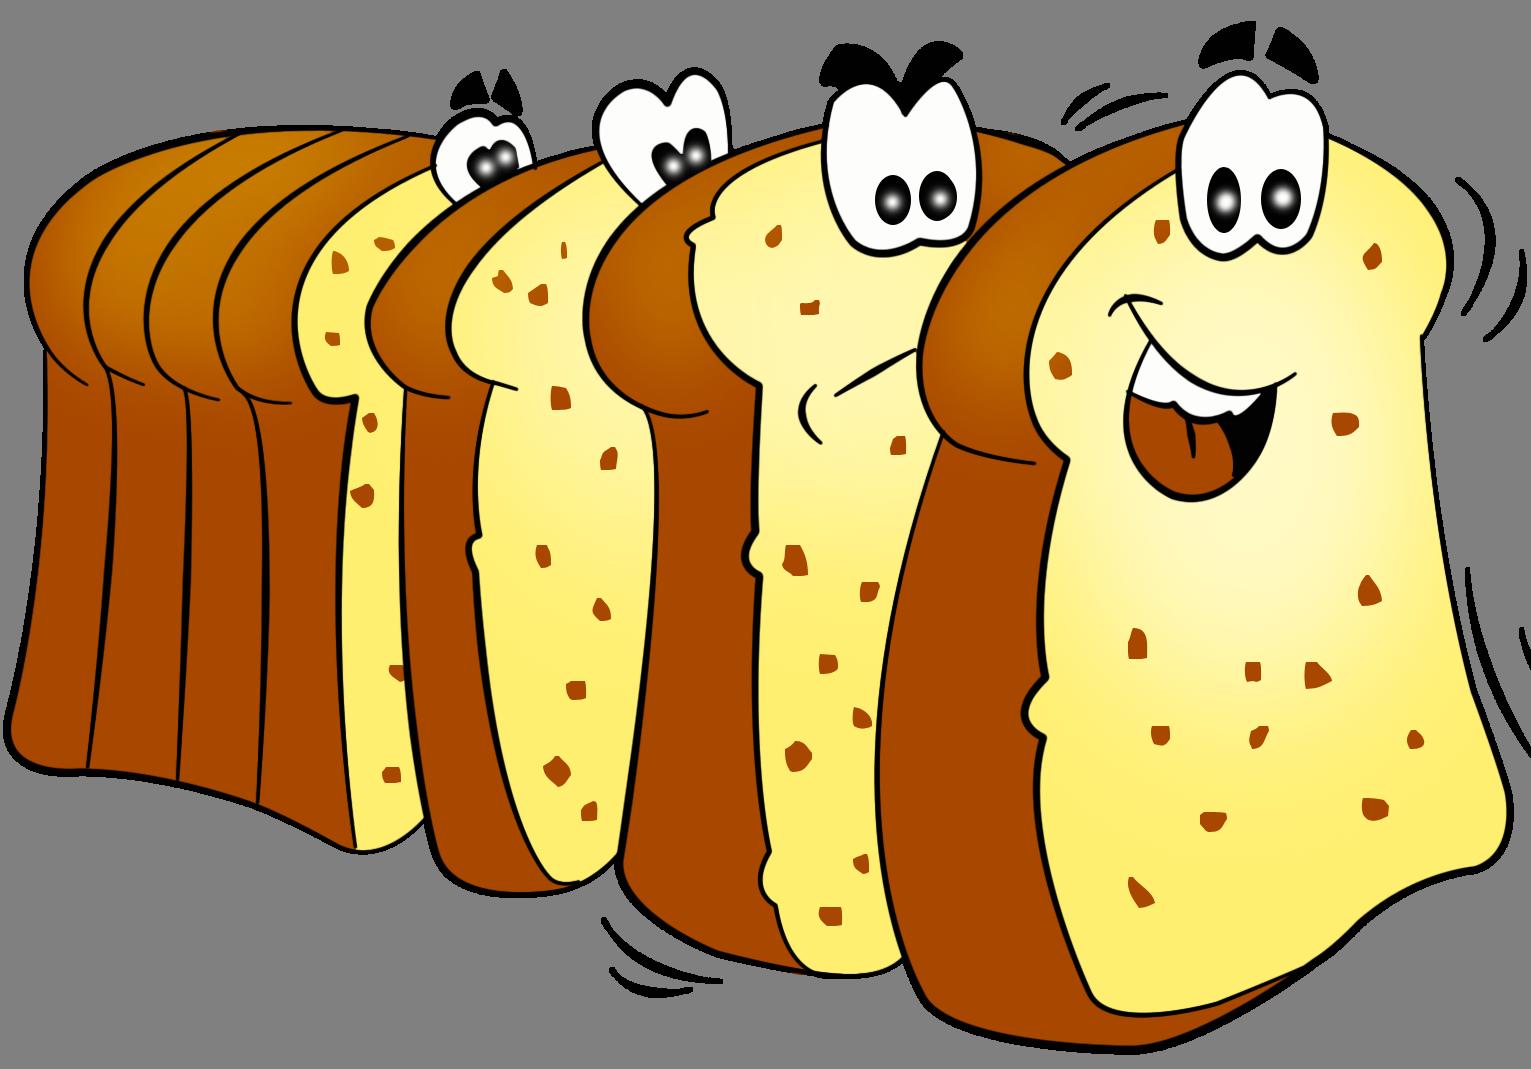 одно, милые картинки хлеба мультяшные фотообои собаки наличии